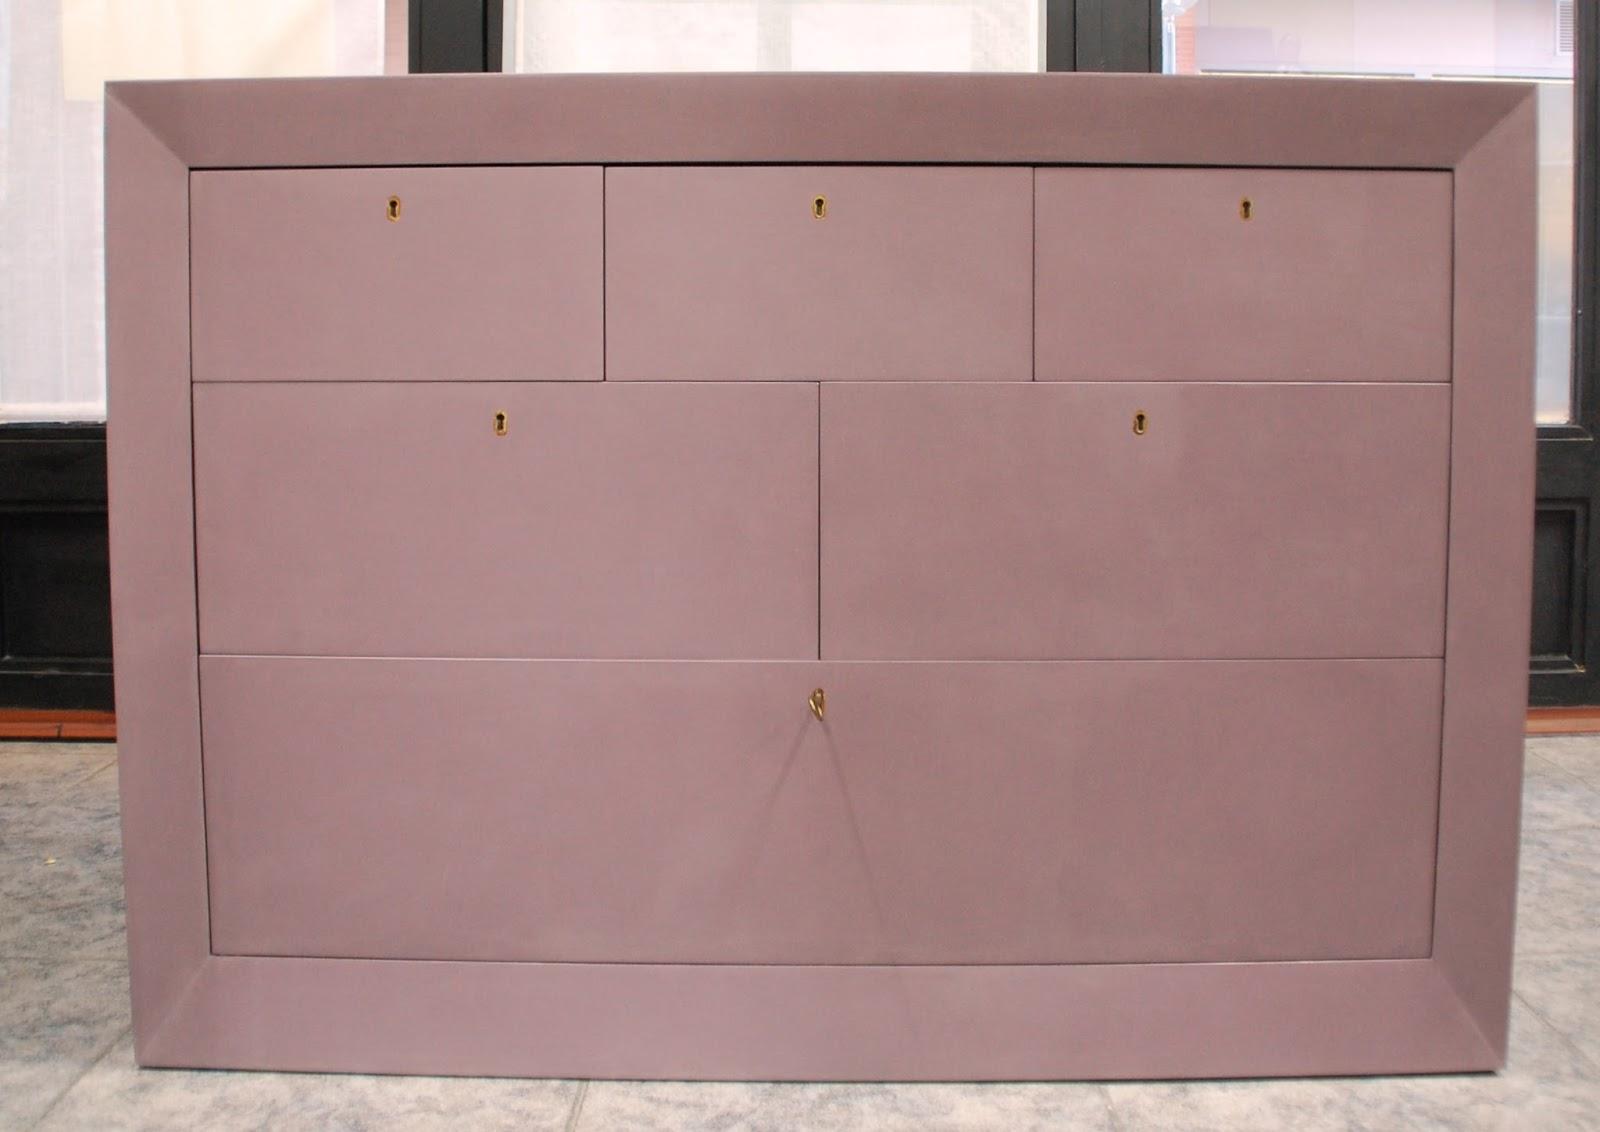 Asoarte centro de restauraci n y conservaci n reciclado - Reciclado de muebles ...